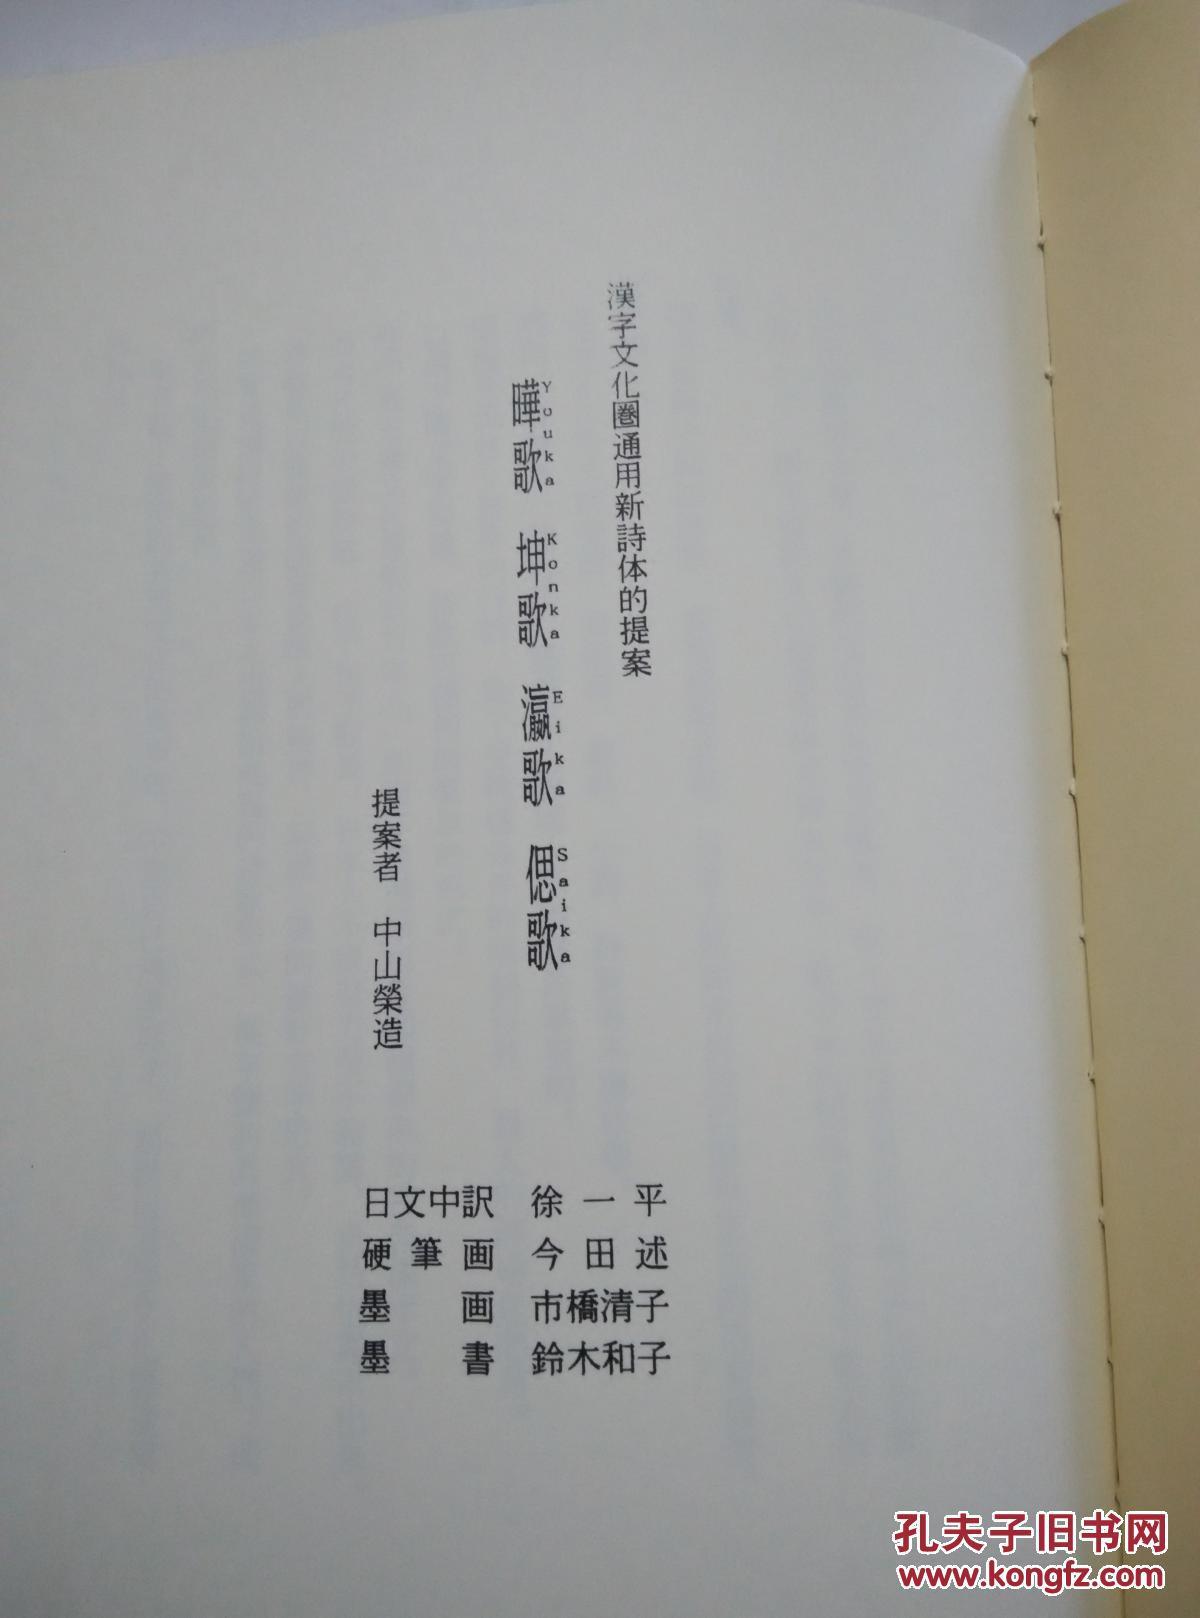 世界最短 汉字文化圈通用诗歌(日文版)